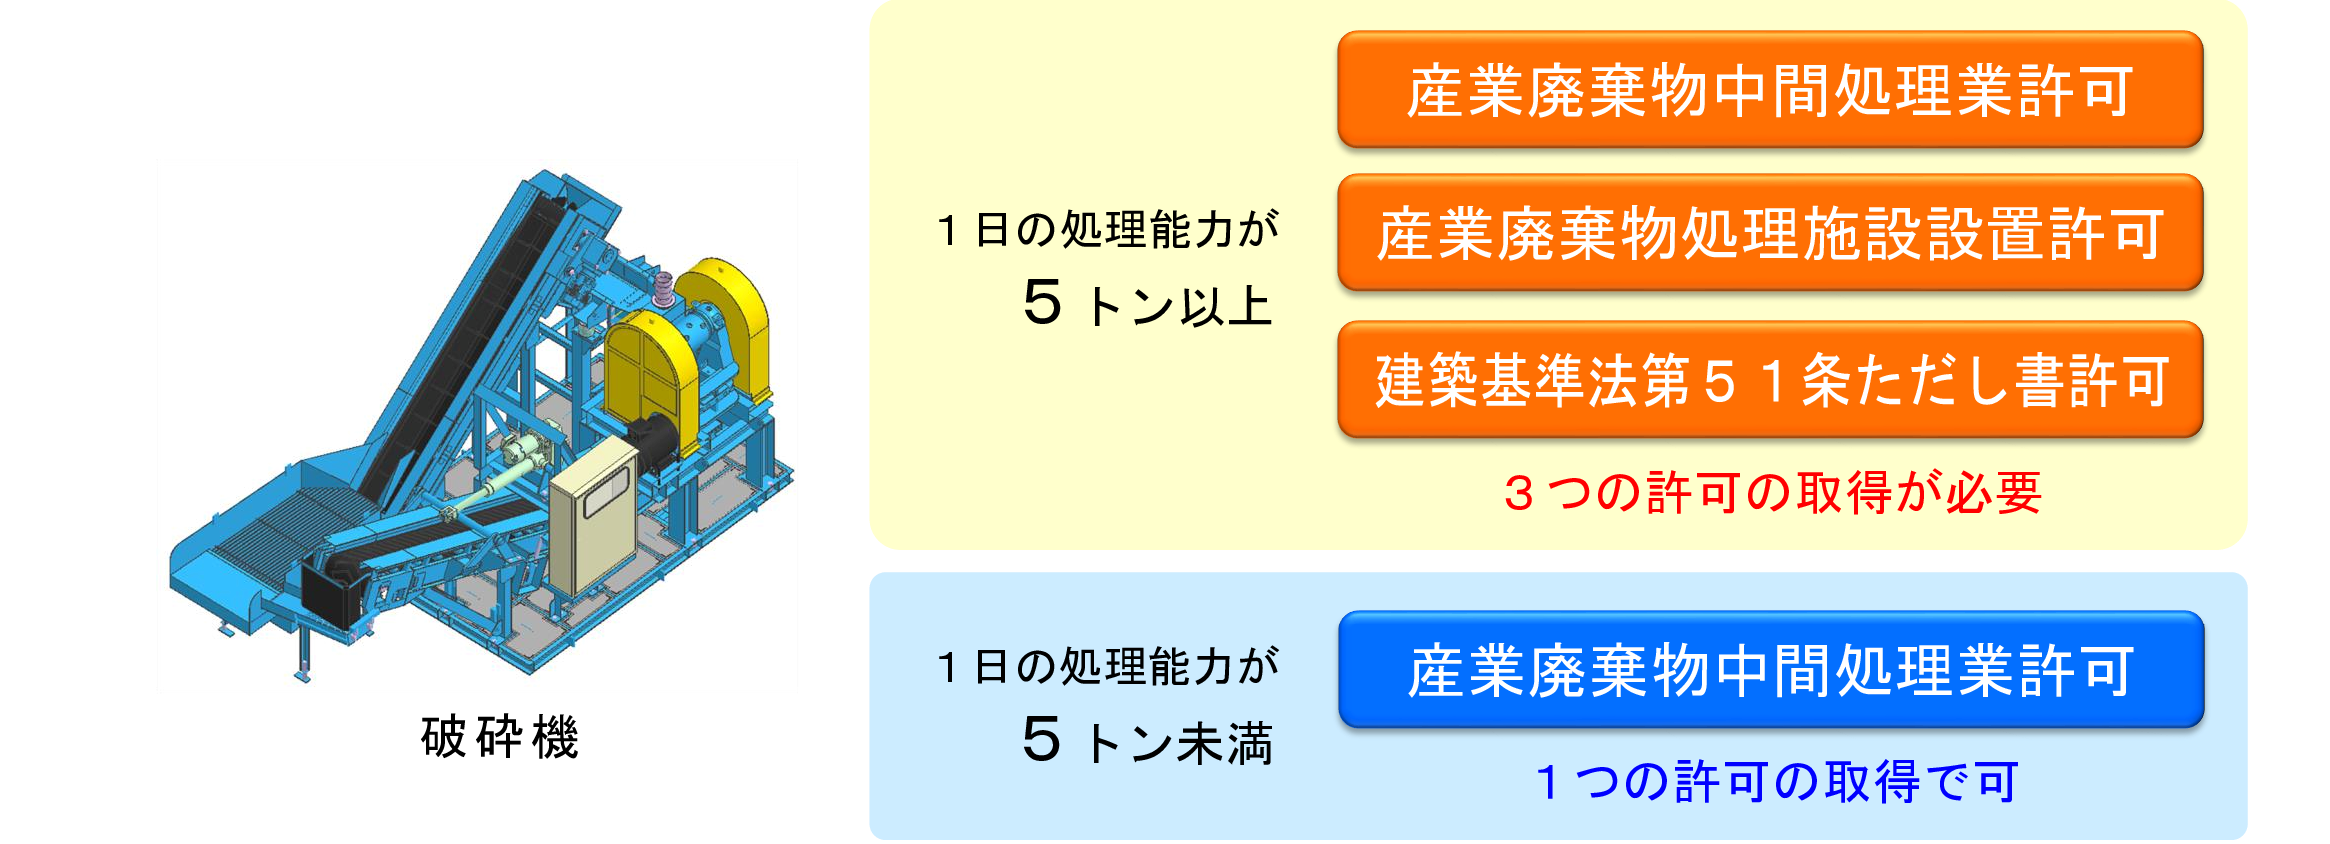 白紙 (2)